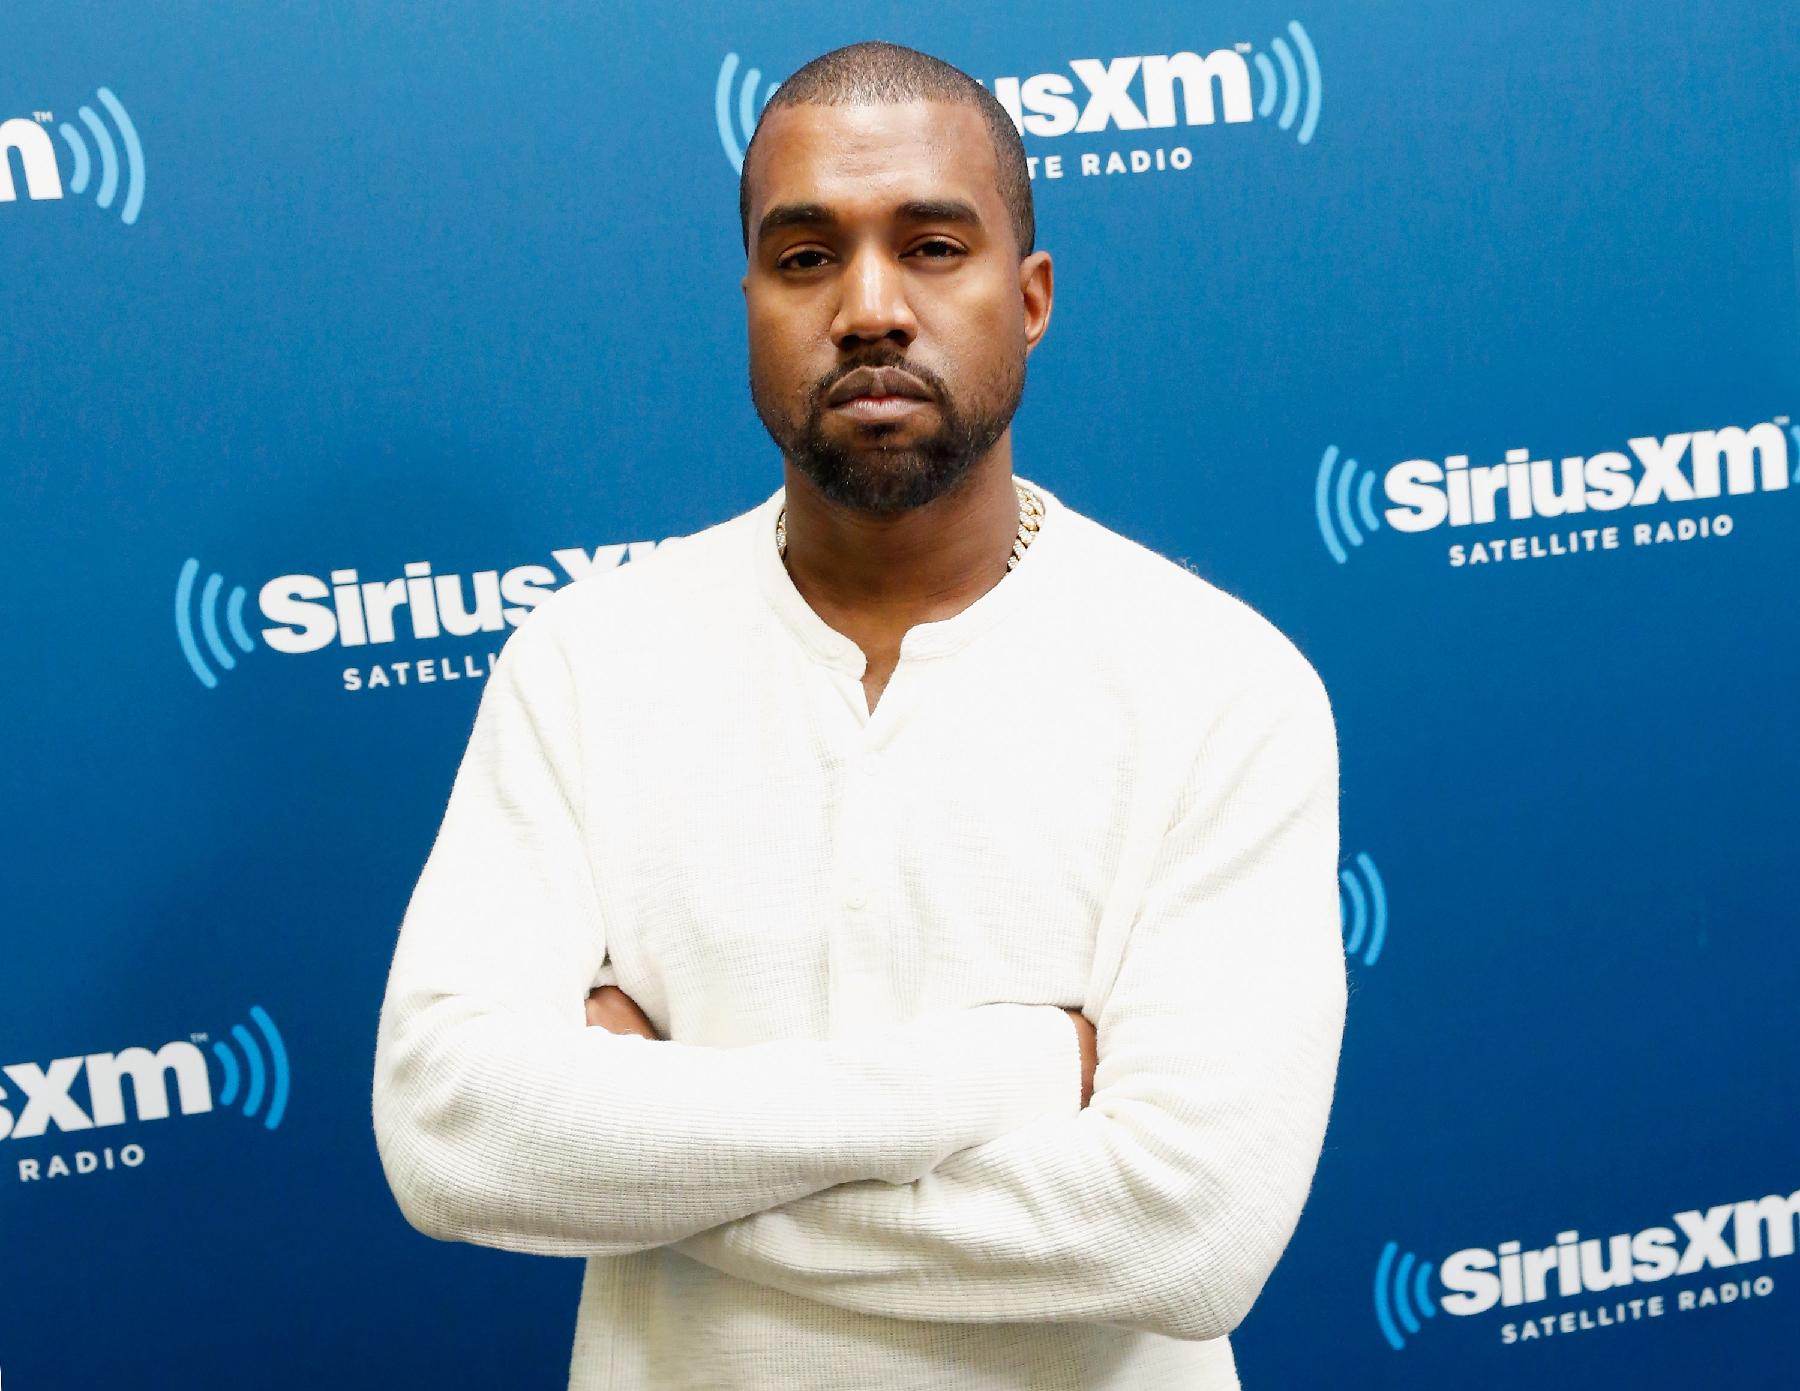 Kanye West's 'Yeezus' Tour Rises Again